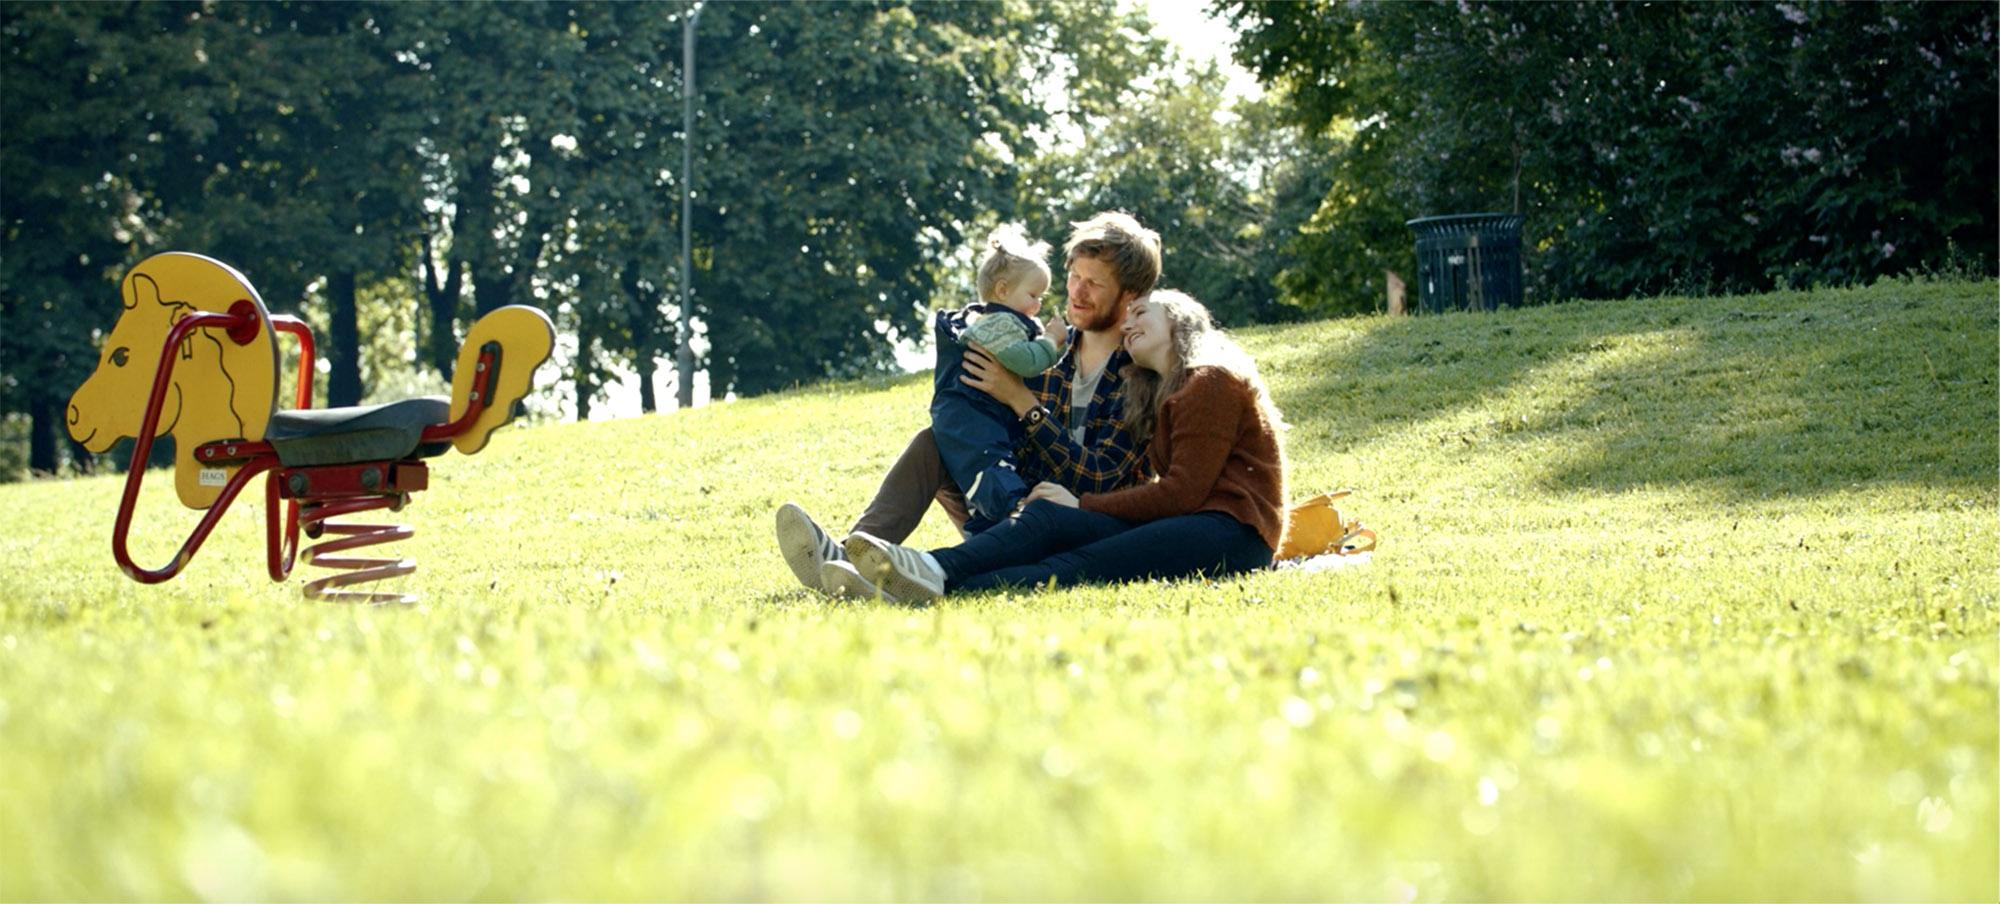 Unge foreldre med et barn på fanget, ute på grønt gress